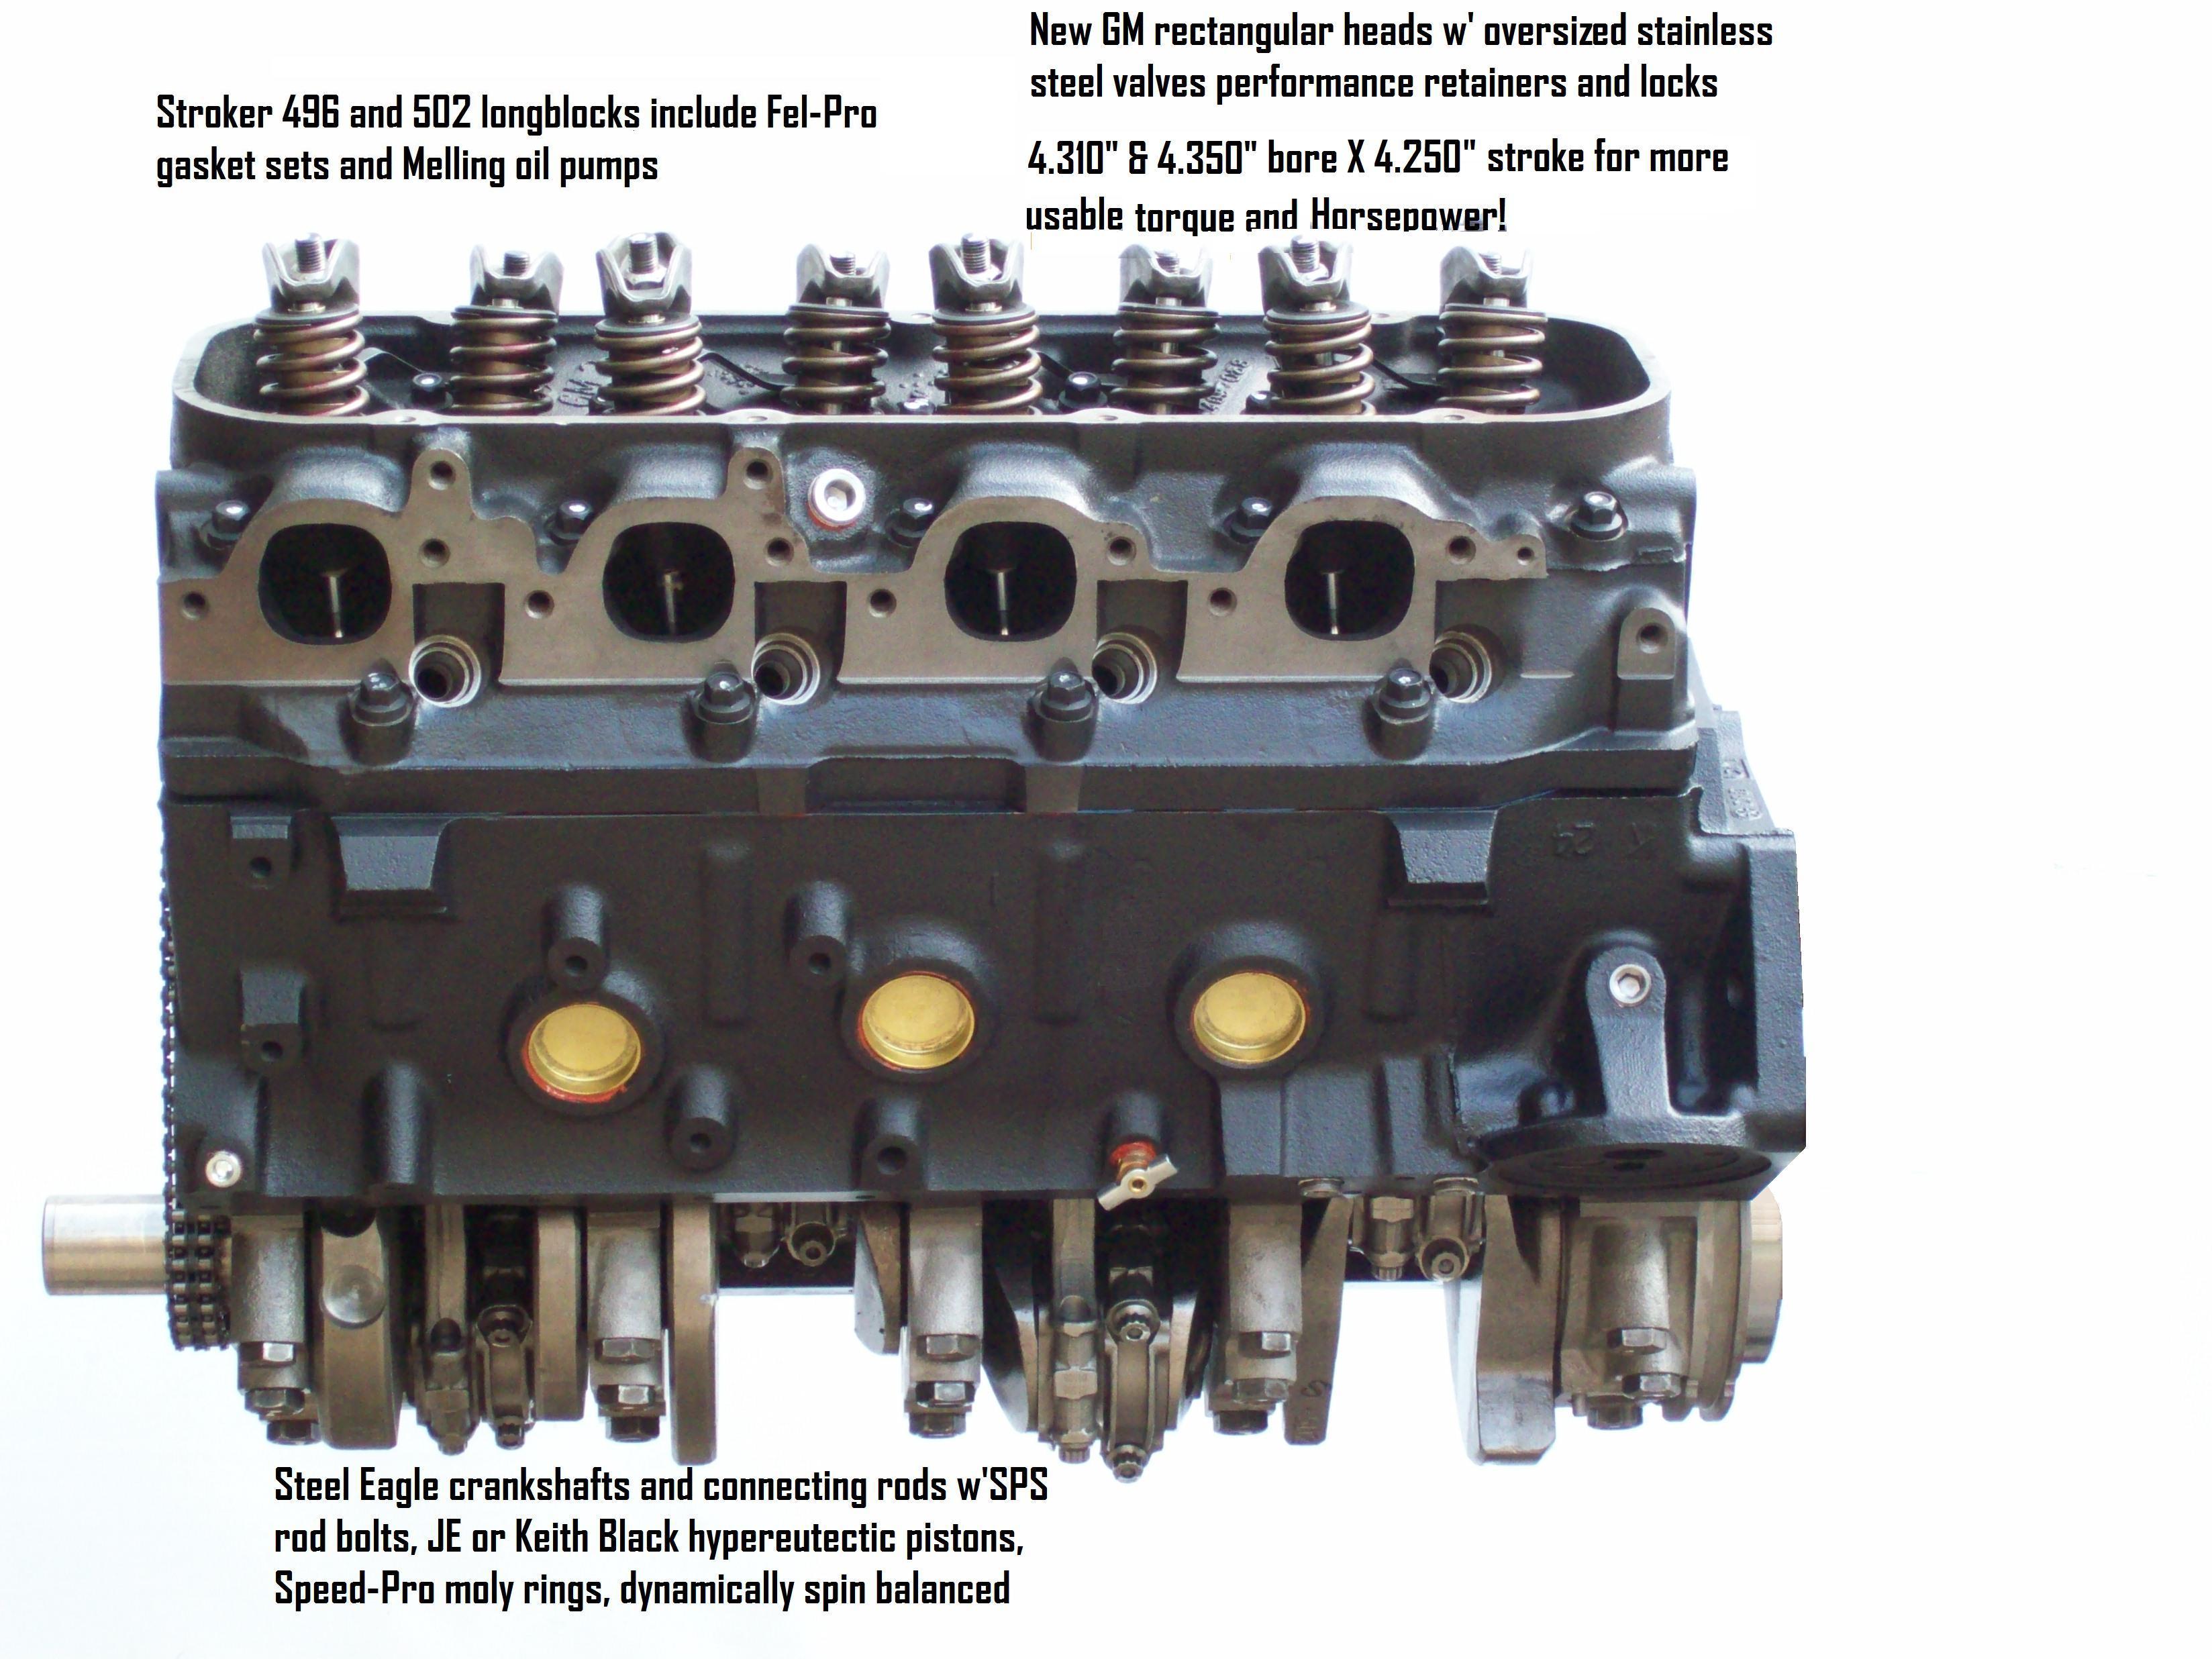 454 Mercruiser Engine Diagram Gmc 5 7l V8 Engine Diagram Golden on mercruiser tilt trim wiring diagram, 454 marine engine diagram, 454 big block diagram, mercruiser cooling system diagram, 454 chevrolet engine diagram, mercruiser 3.0 carburetor diagram, mercruiser 170 engine diagram, 1990 454 chevy engine diagram, 3.7 mercruiser engine diagram, 7.4 mercruiser engine diagram, mercruiser alpha one diagram, mercruiser shift interrupter switch diagram, 454 distributor diagram, mercruiser power steering diagram, mercruiser gimbal housing diagram, mercruiser alpha drive diagram, mercruiser bravo outdrive diagram, chevy 454 engine belt diagram, chevy 454 rv engine diagram, 3 liter mercruiser engine diagram,